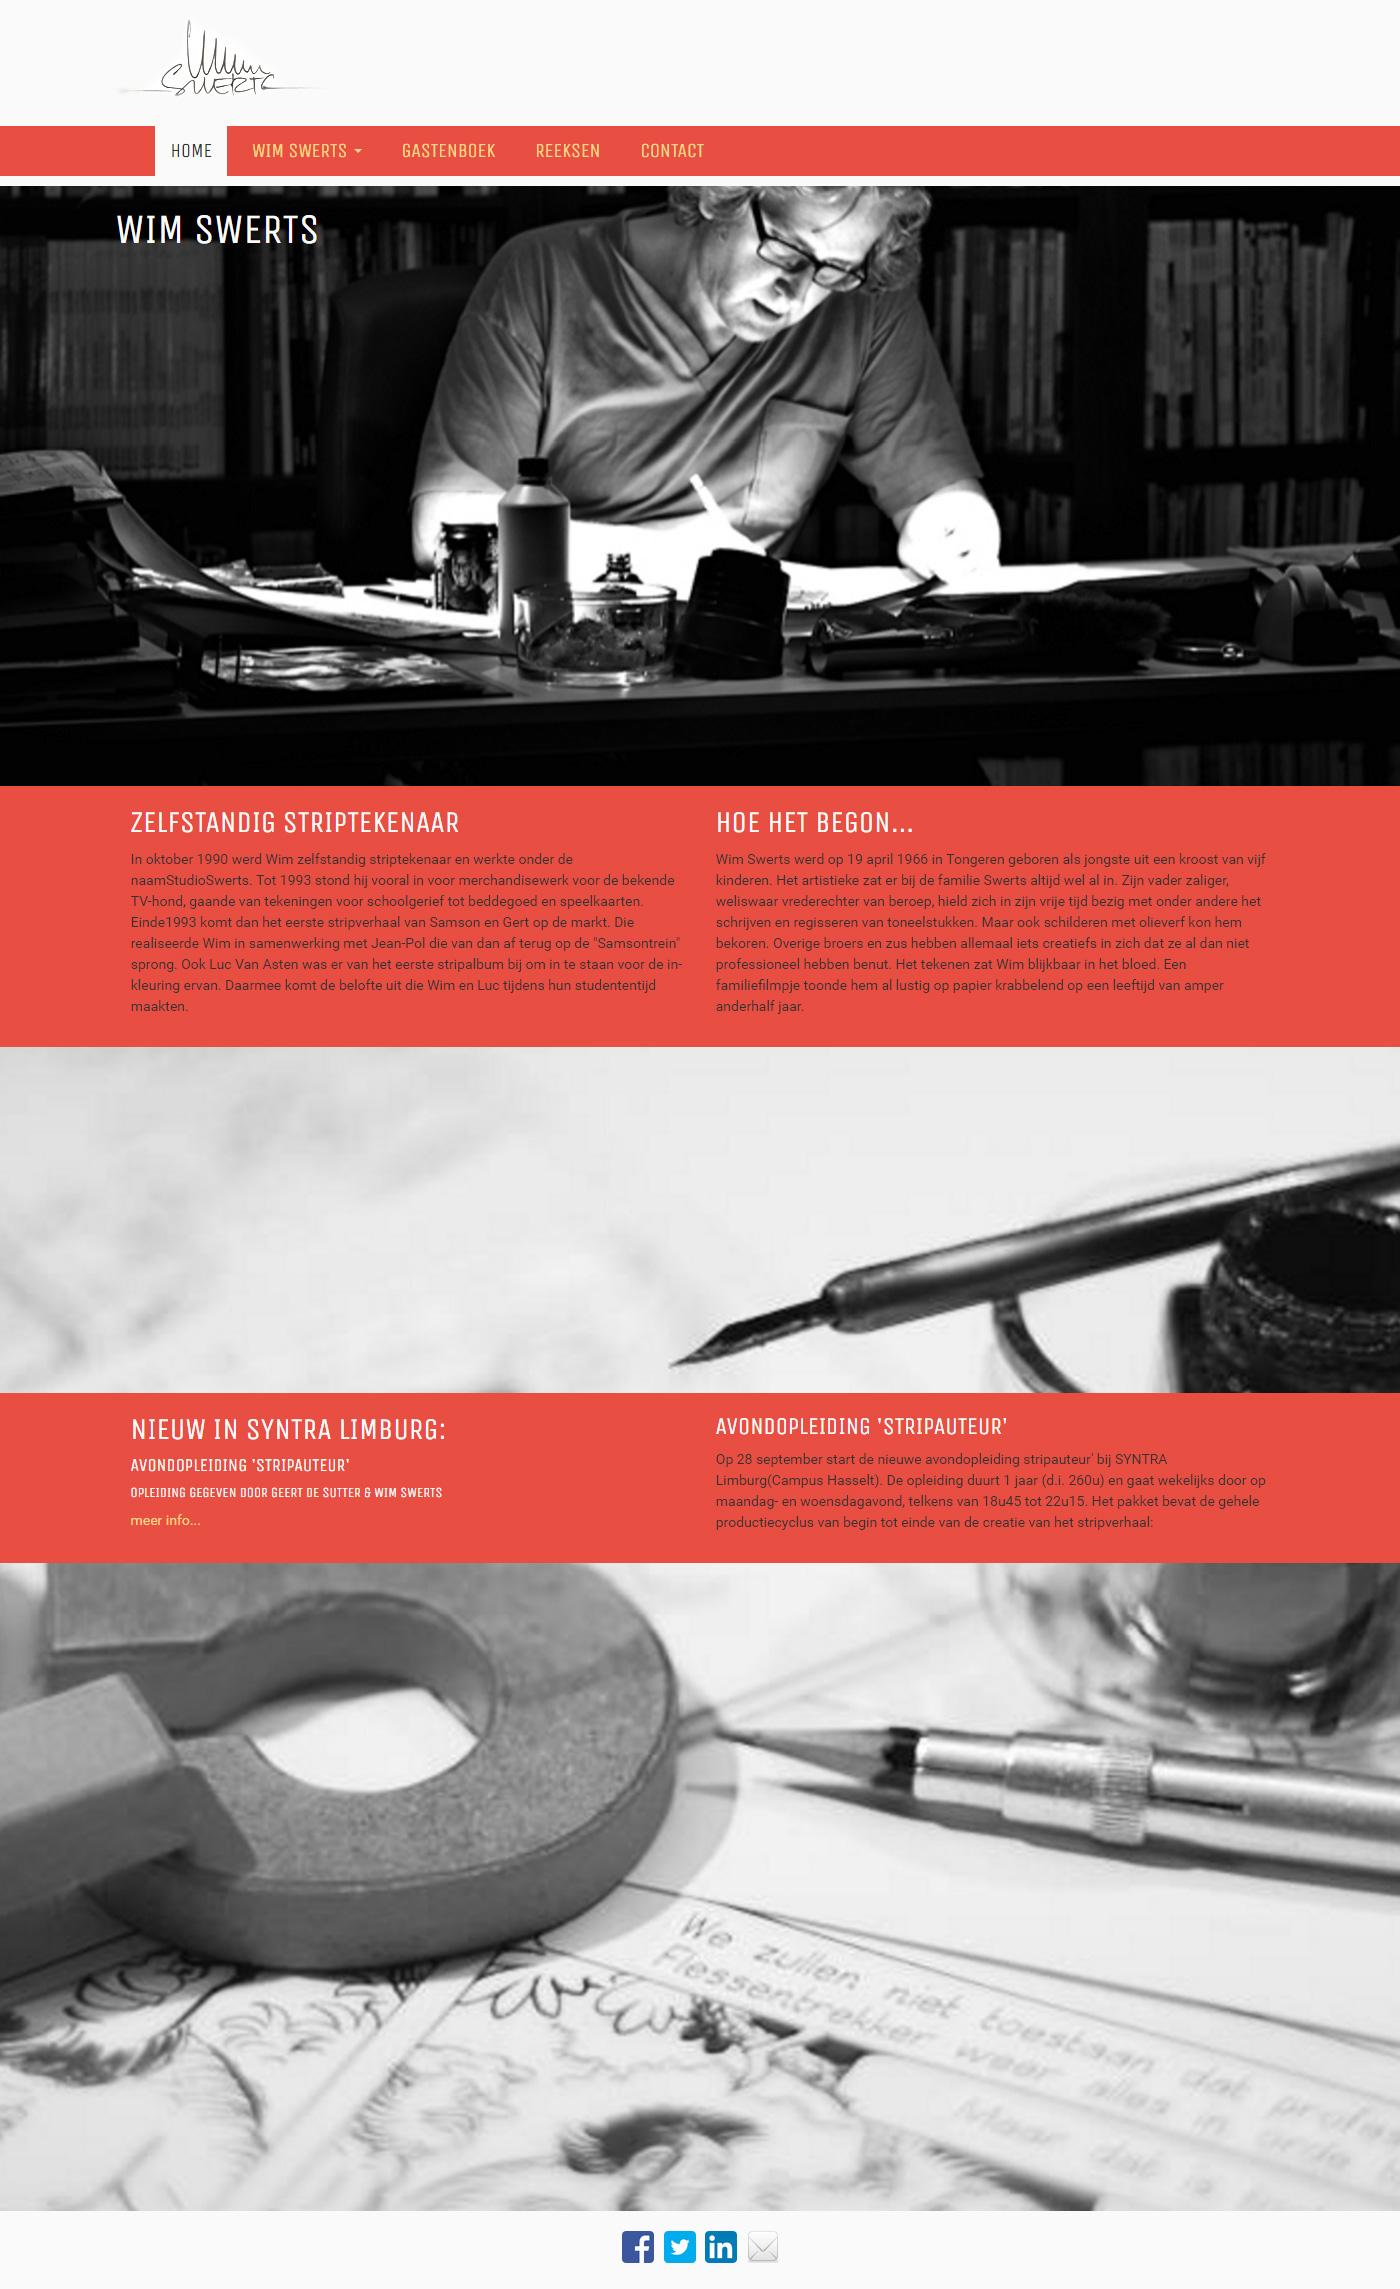 Website portfolio Wim swerts Drupal css